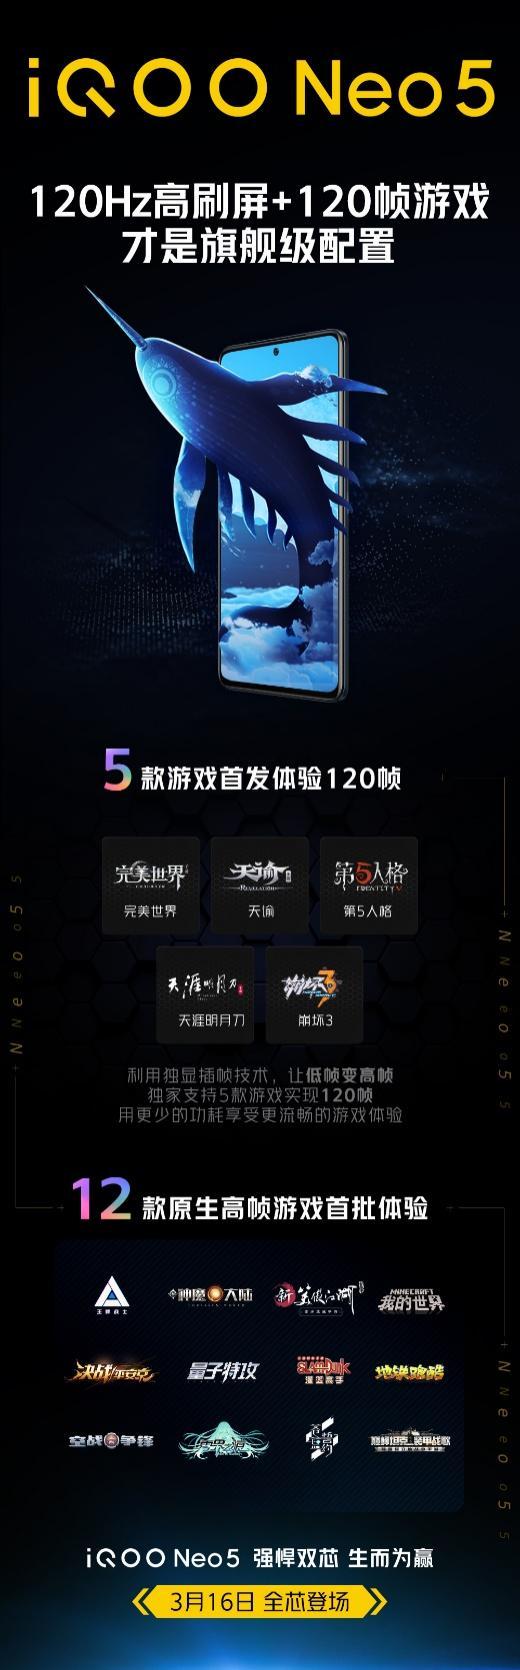 发挥高刷屏优势:iQOO Neo5首发5款游戏120帧体验